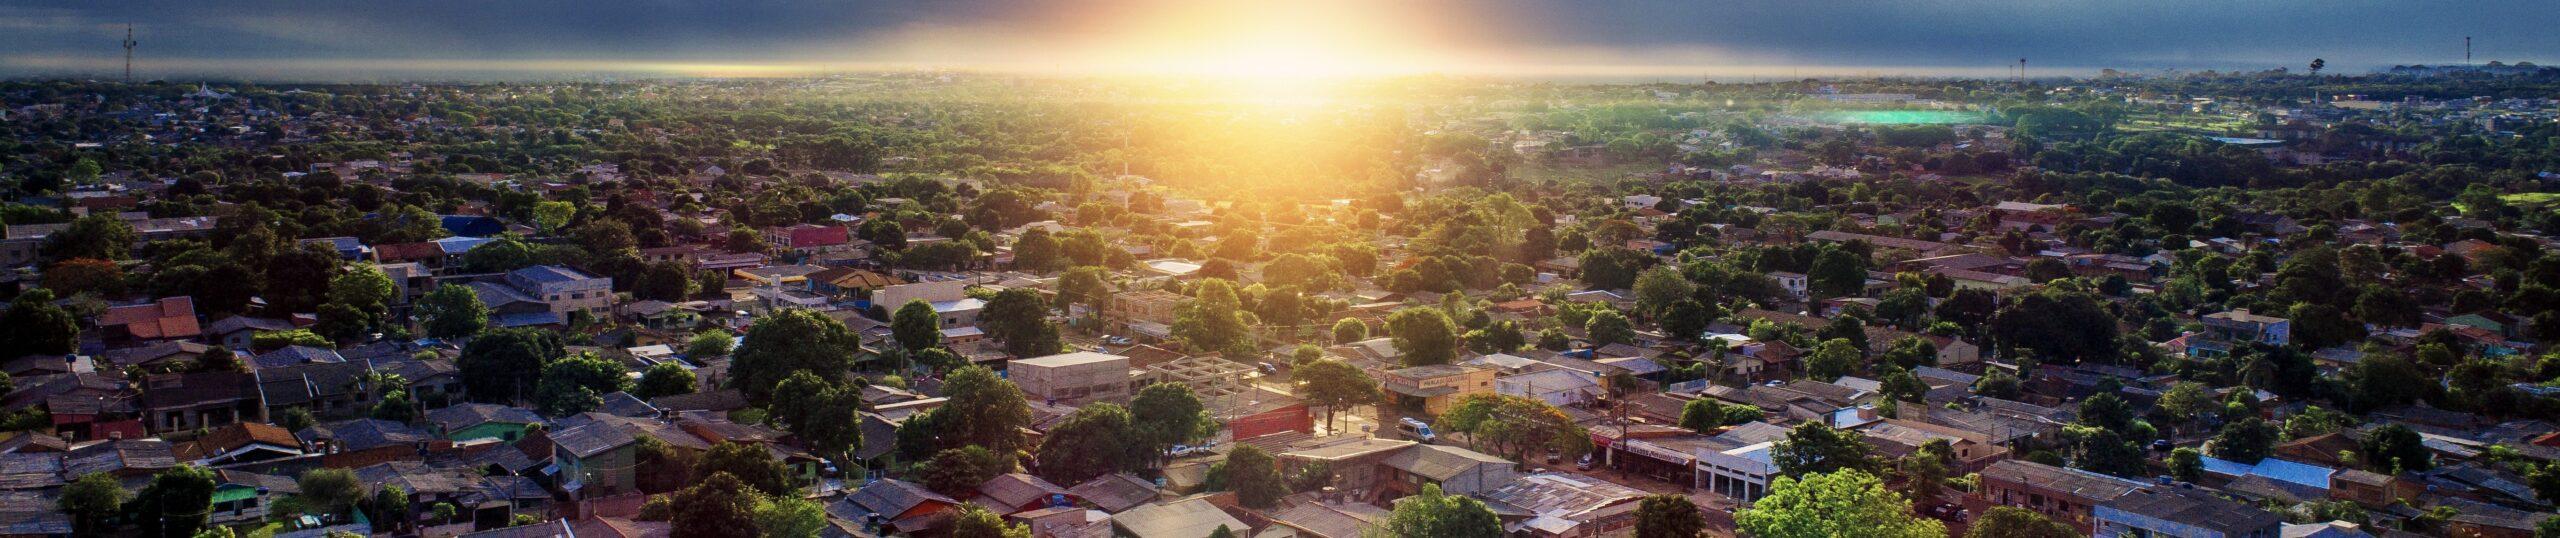 Hepburn Shire's          housing crisis in focus